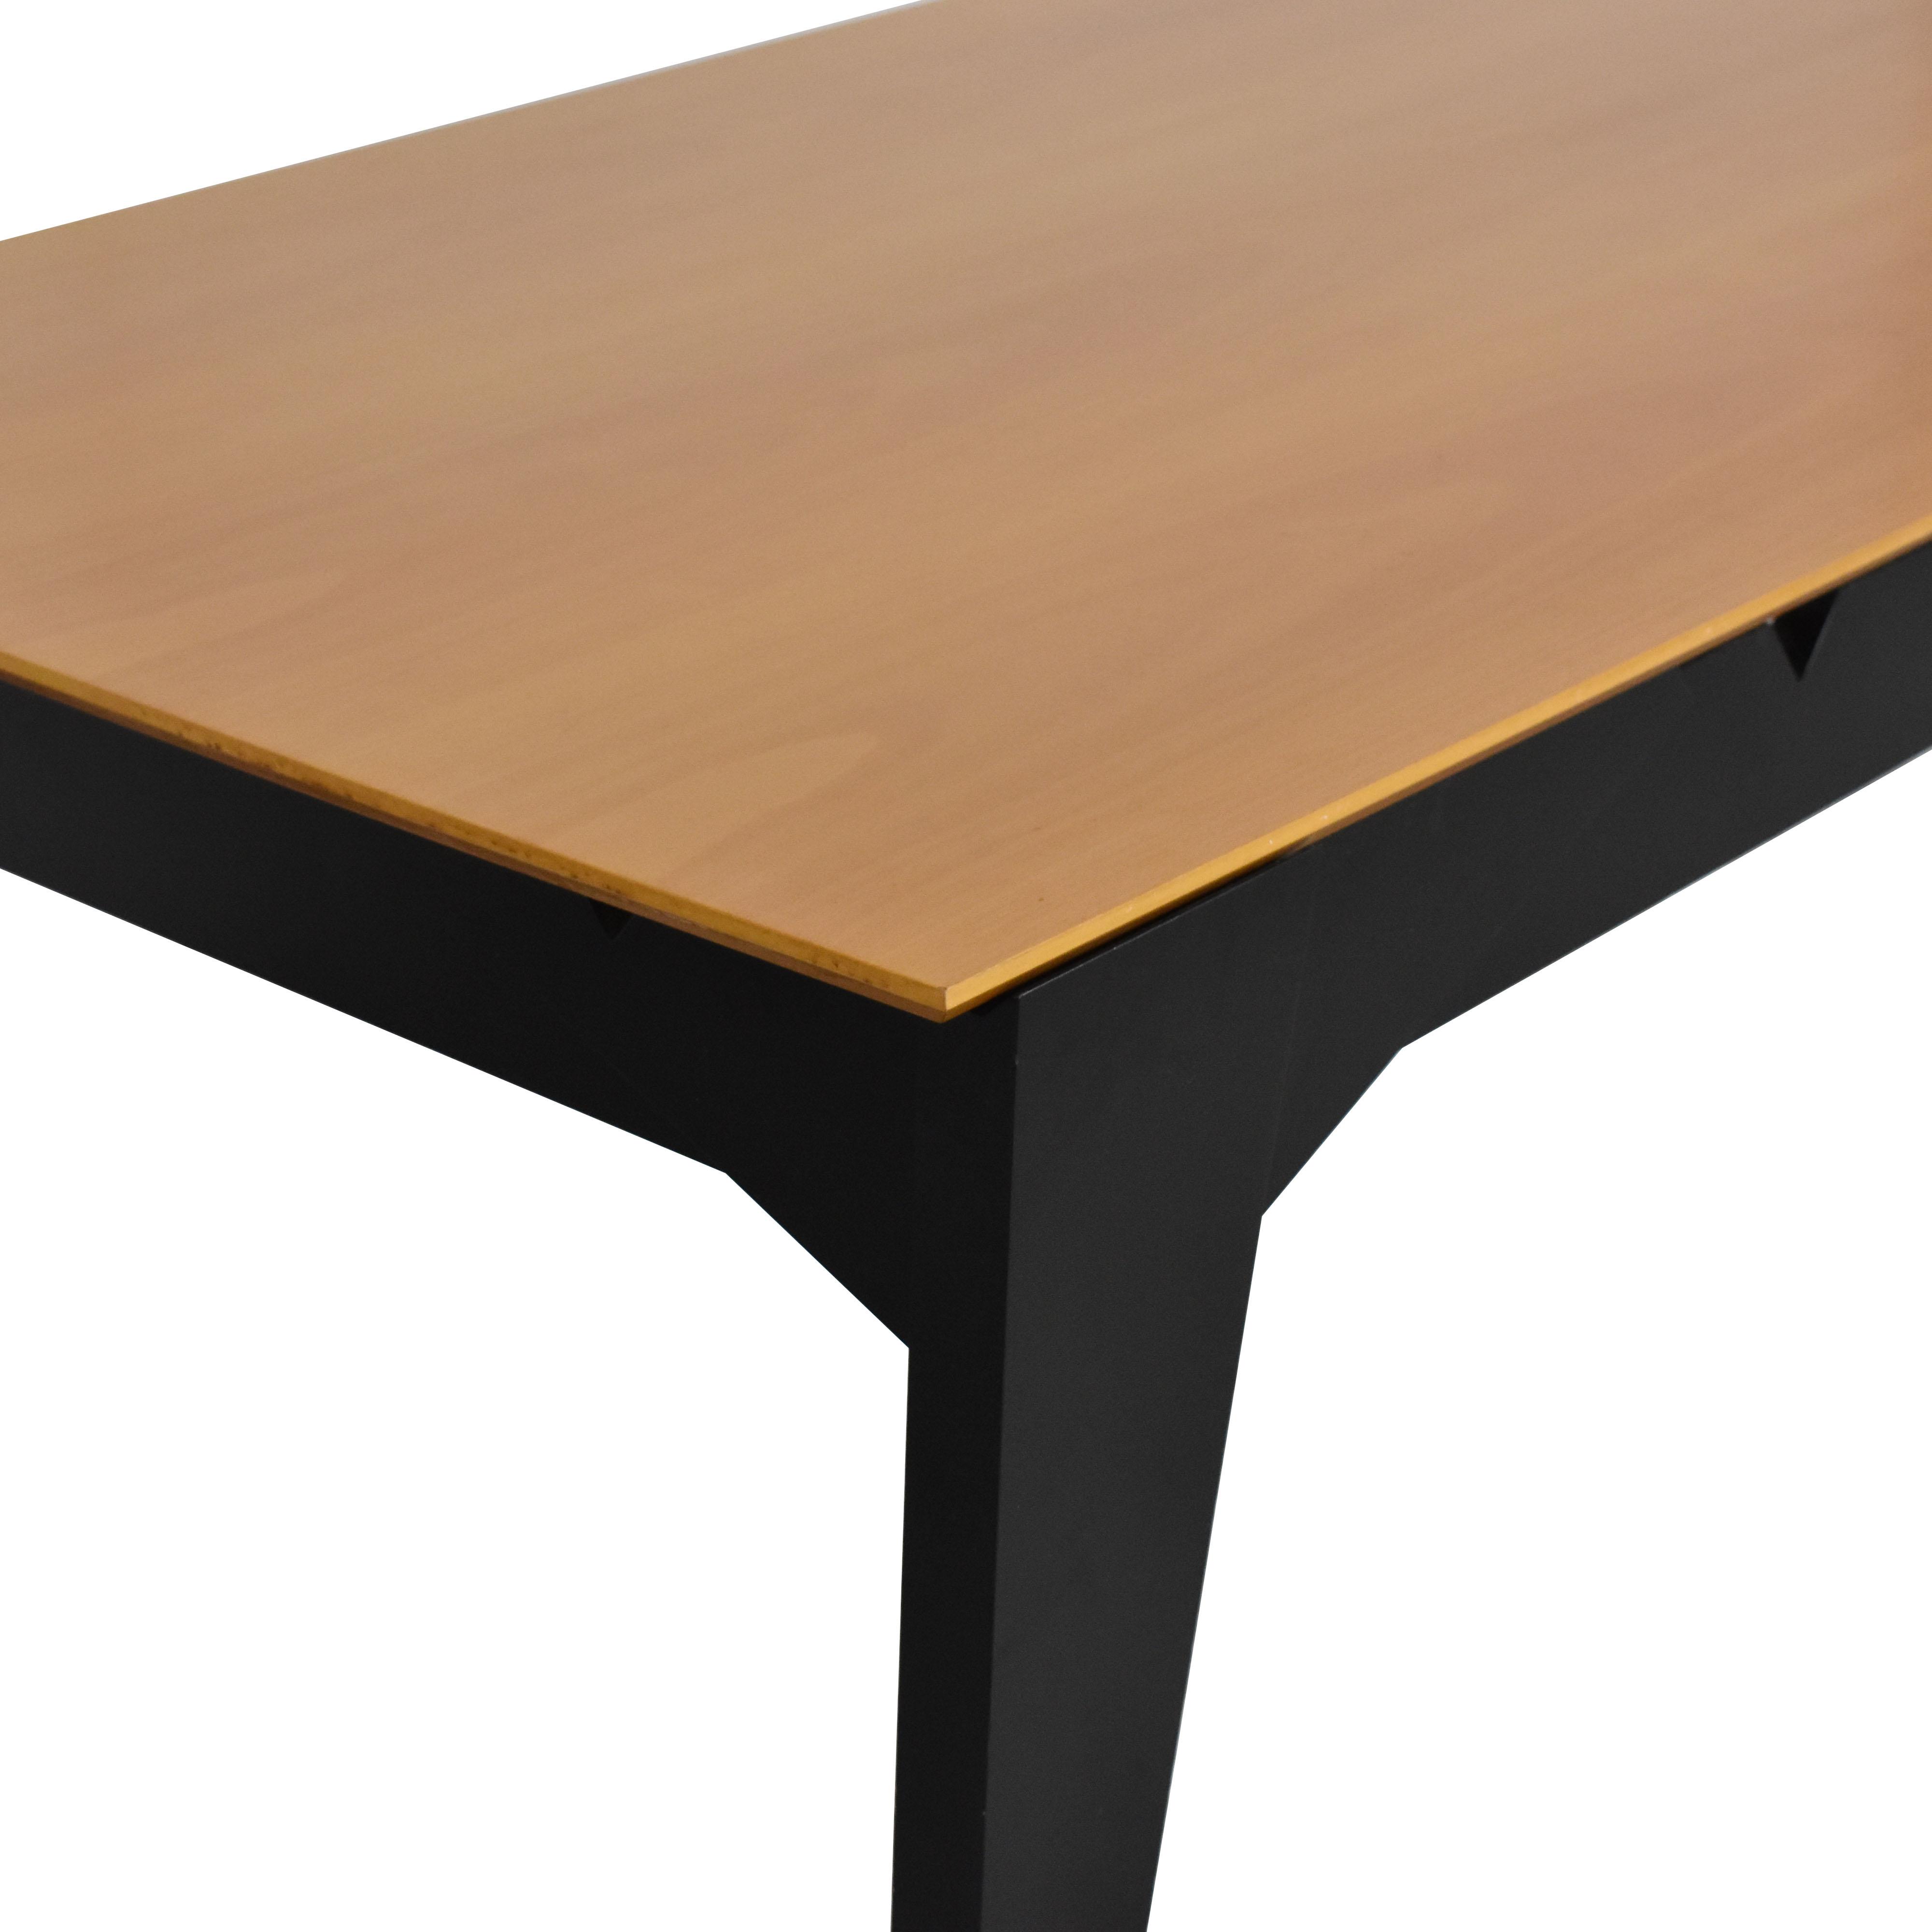 Bloomingdale's Bloomingdale's Dining Room Table used